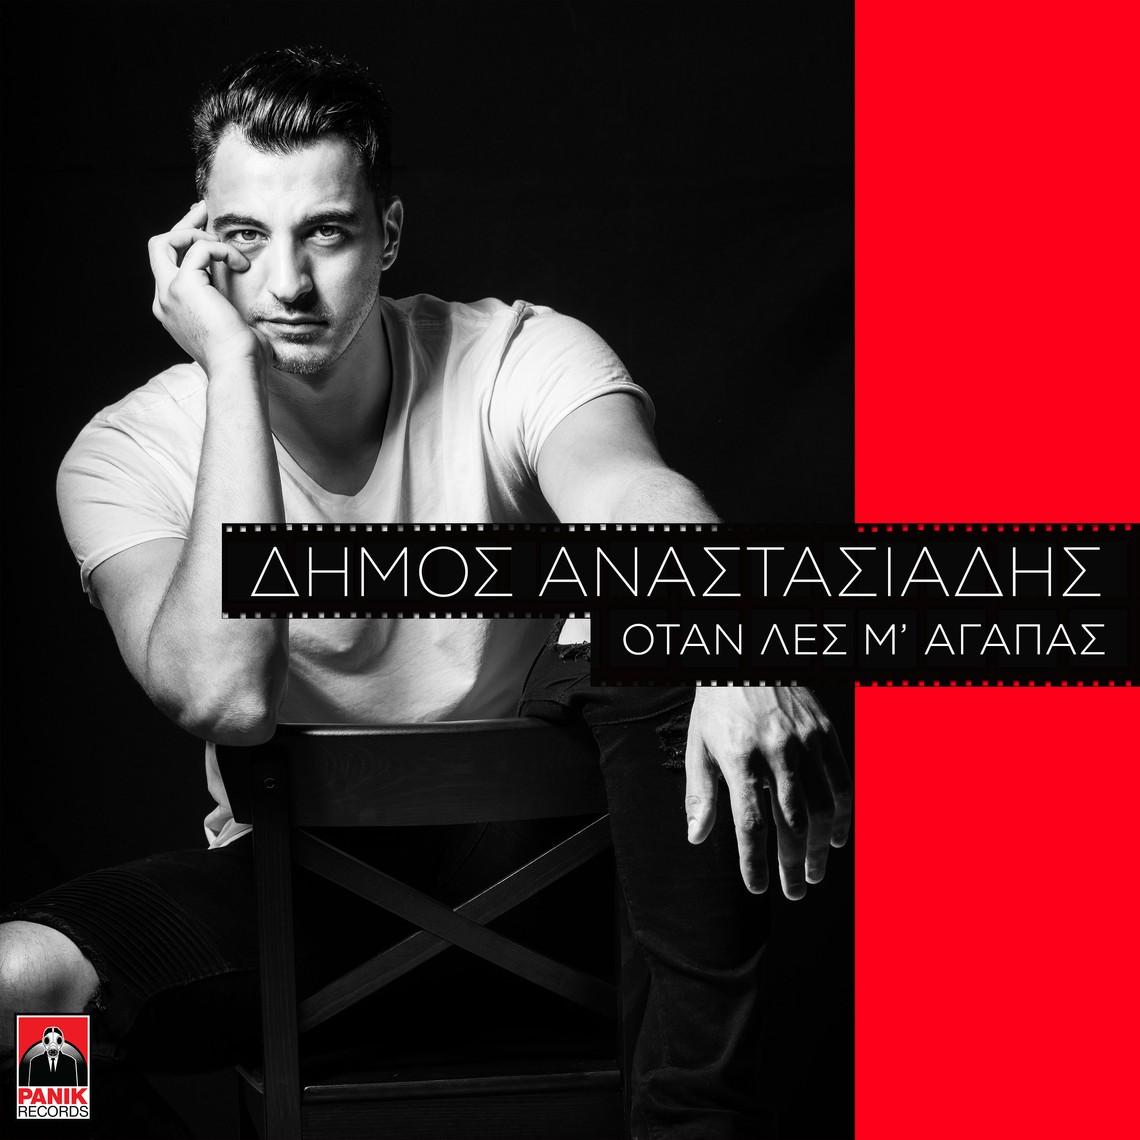 """Δήμος Αναστασιάδης: """"Όταν λες μ' αγαπάς"""" Νέο τραγούδι!"""